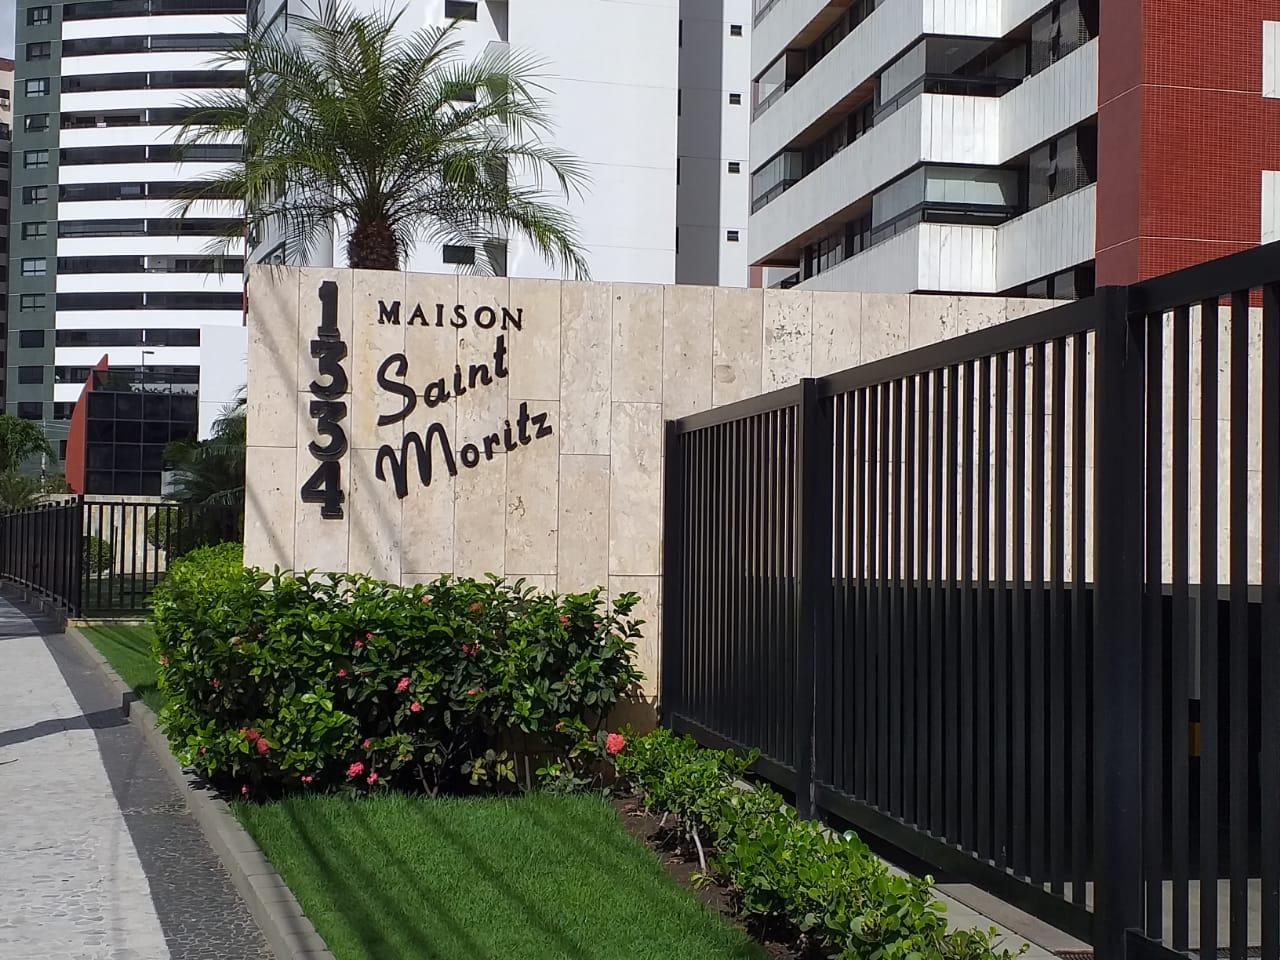 APARTAMENTO NA MANSÃO SAINT MORITZ, NA AVENIDA BEIRA MAR